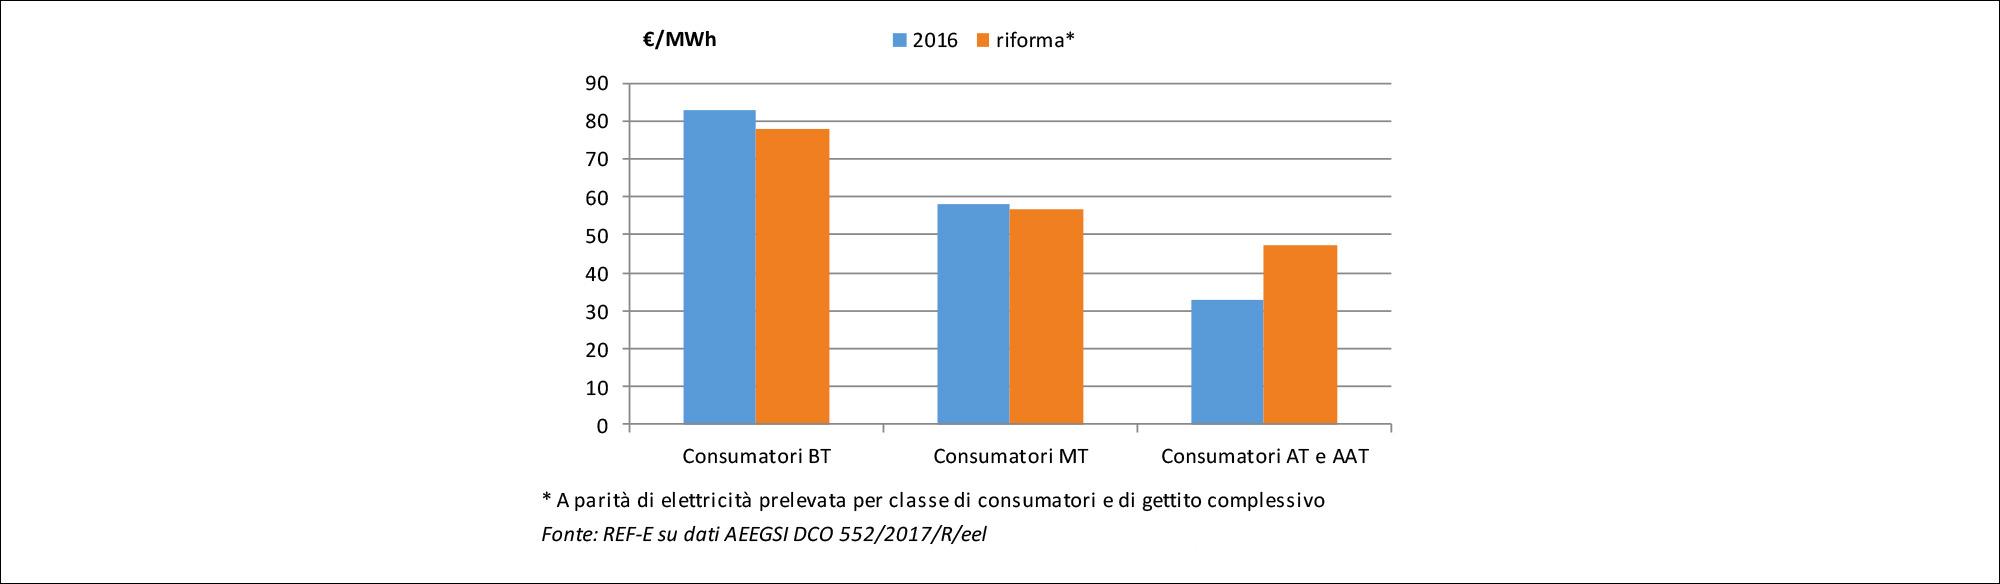 OGS medio consumatori non domestici